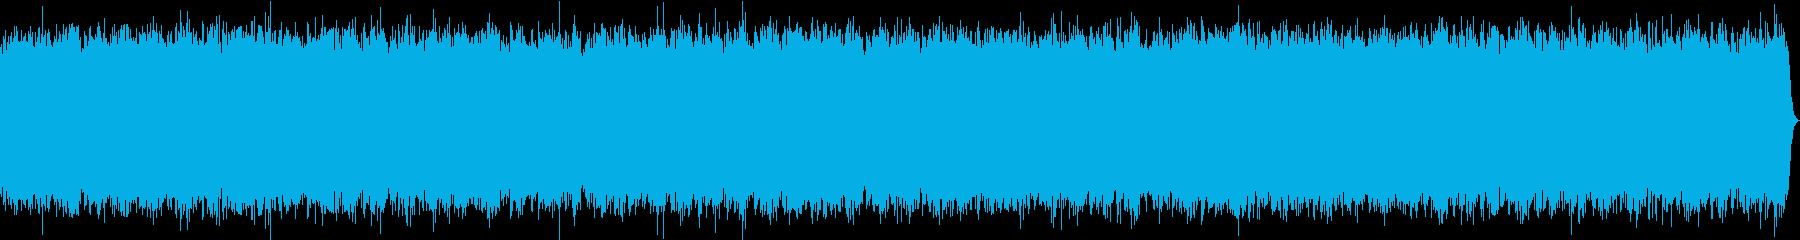 アンビエント・ナレーション・静か・壮大の再生済みの波形